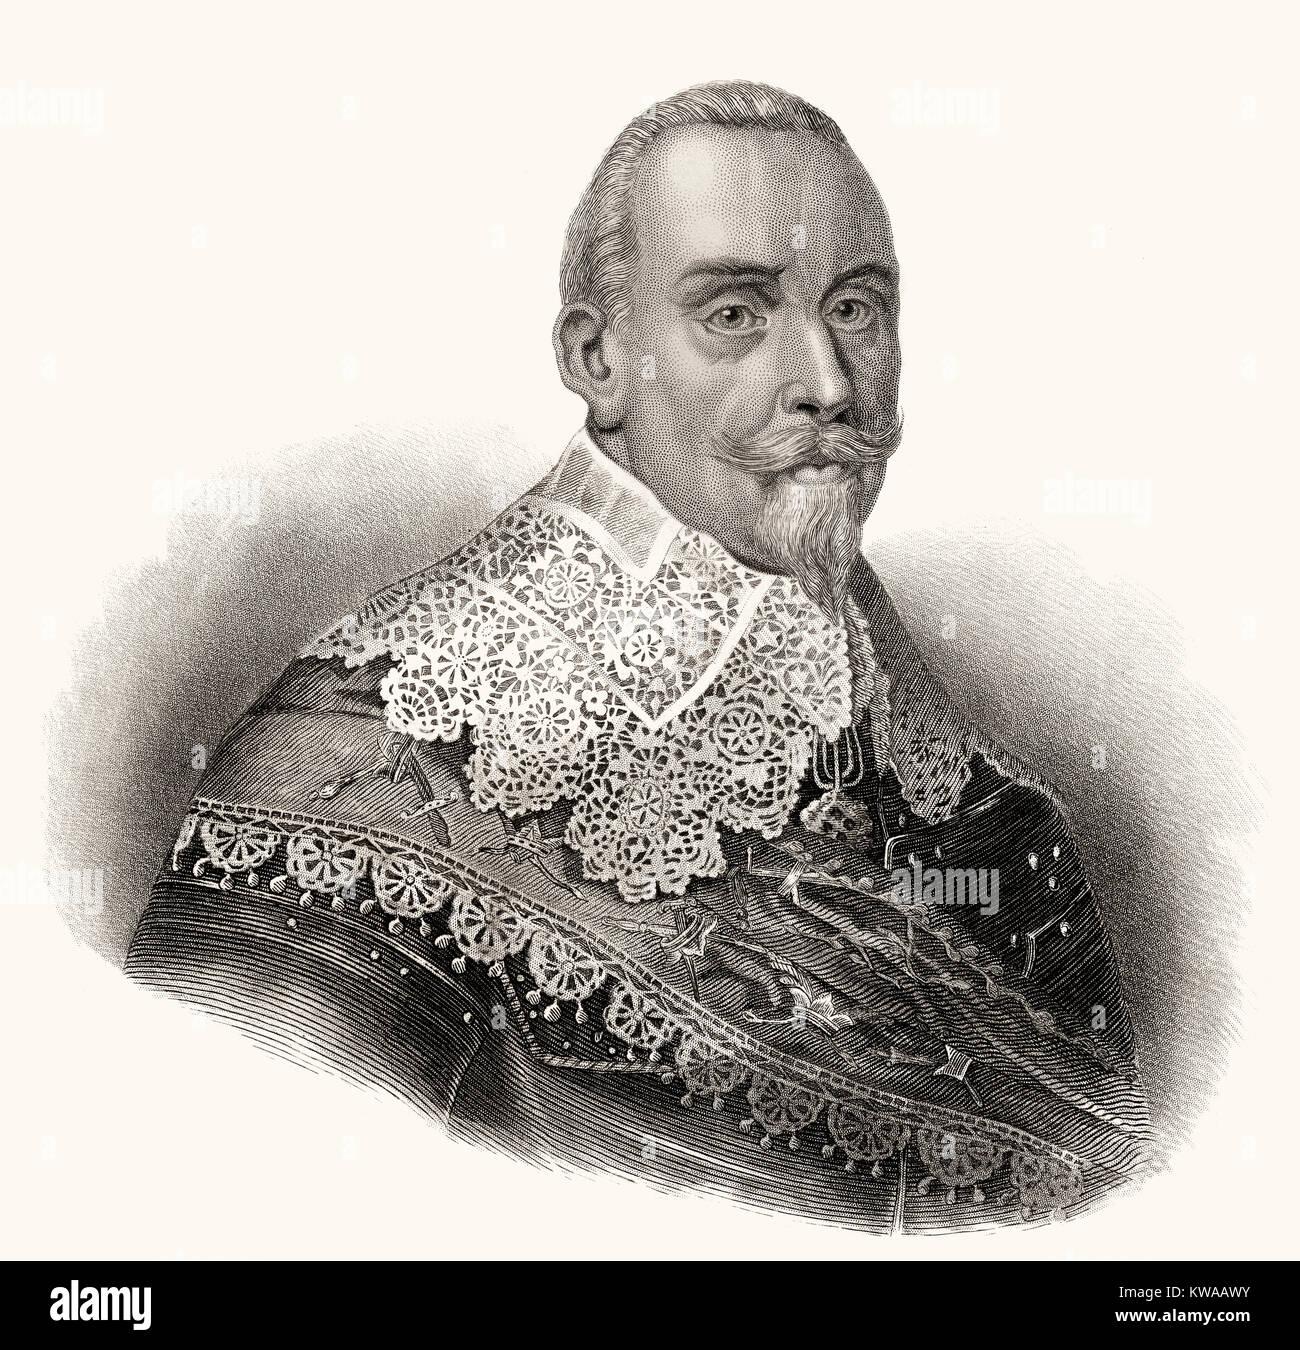 Gustav II Adolf, 1594 - 1632, King of Sweden from the ruling family of Vasa - Stock Image